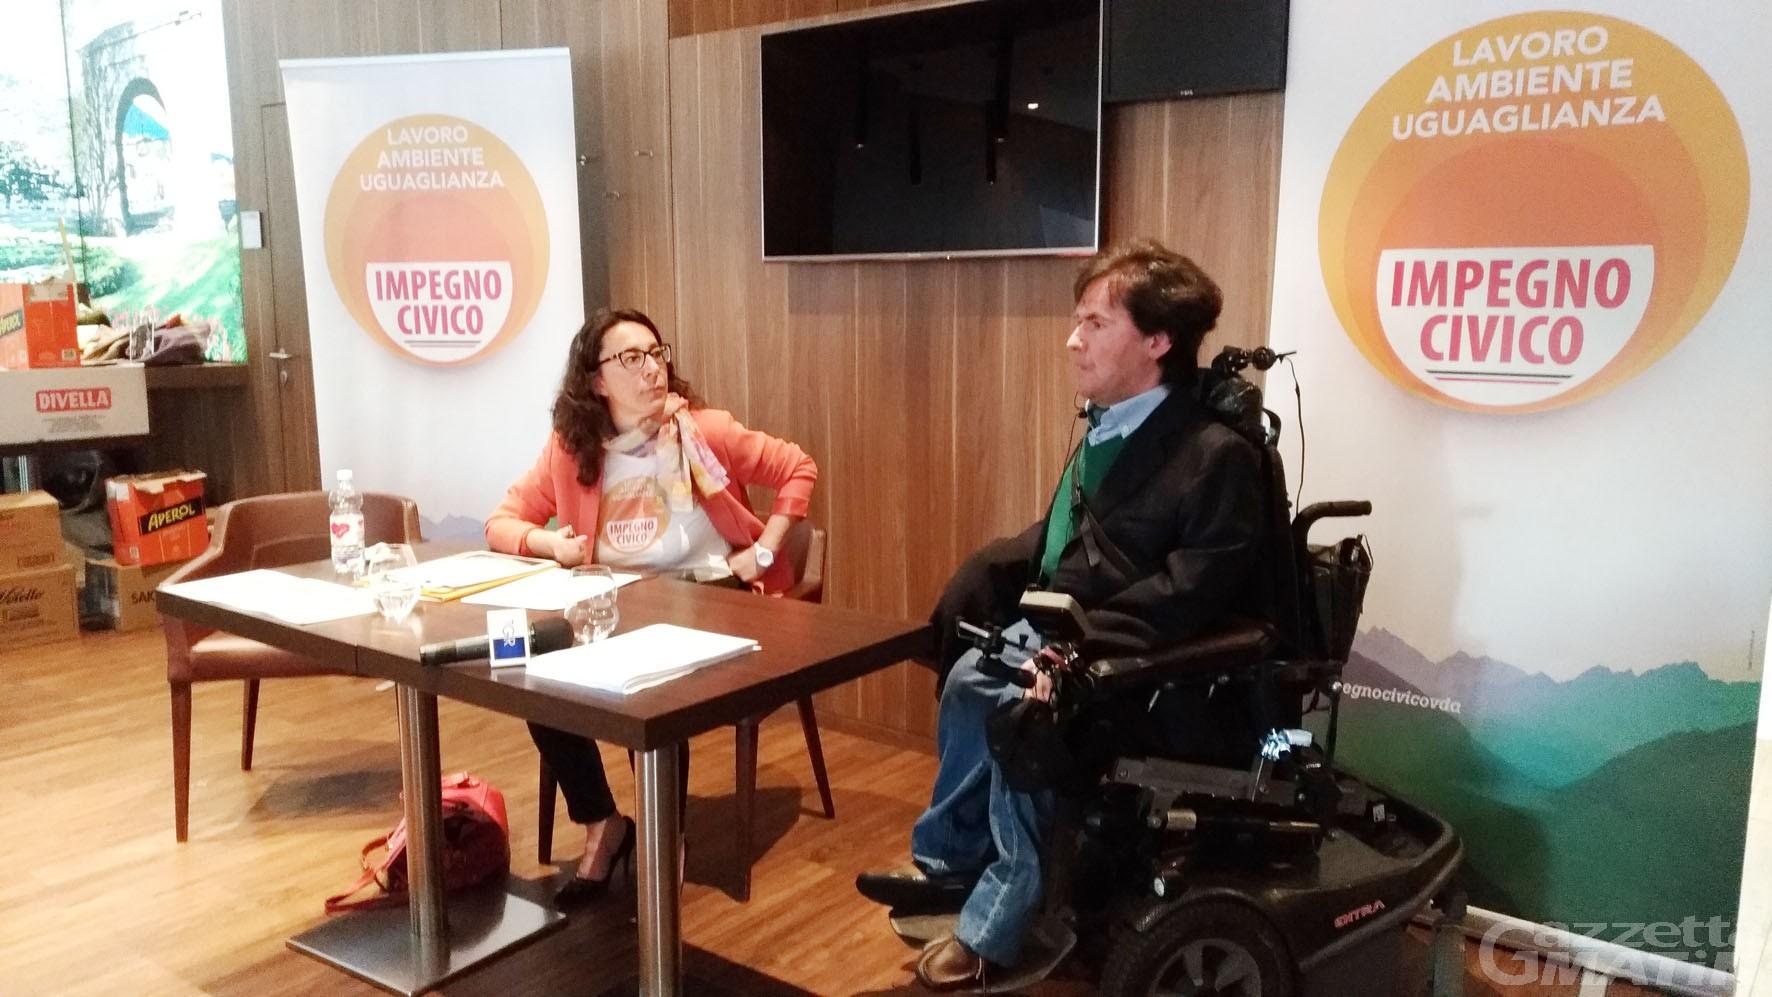 Impegno civico: «stop alla diaria e ai fondi ai gruppi consiliari»